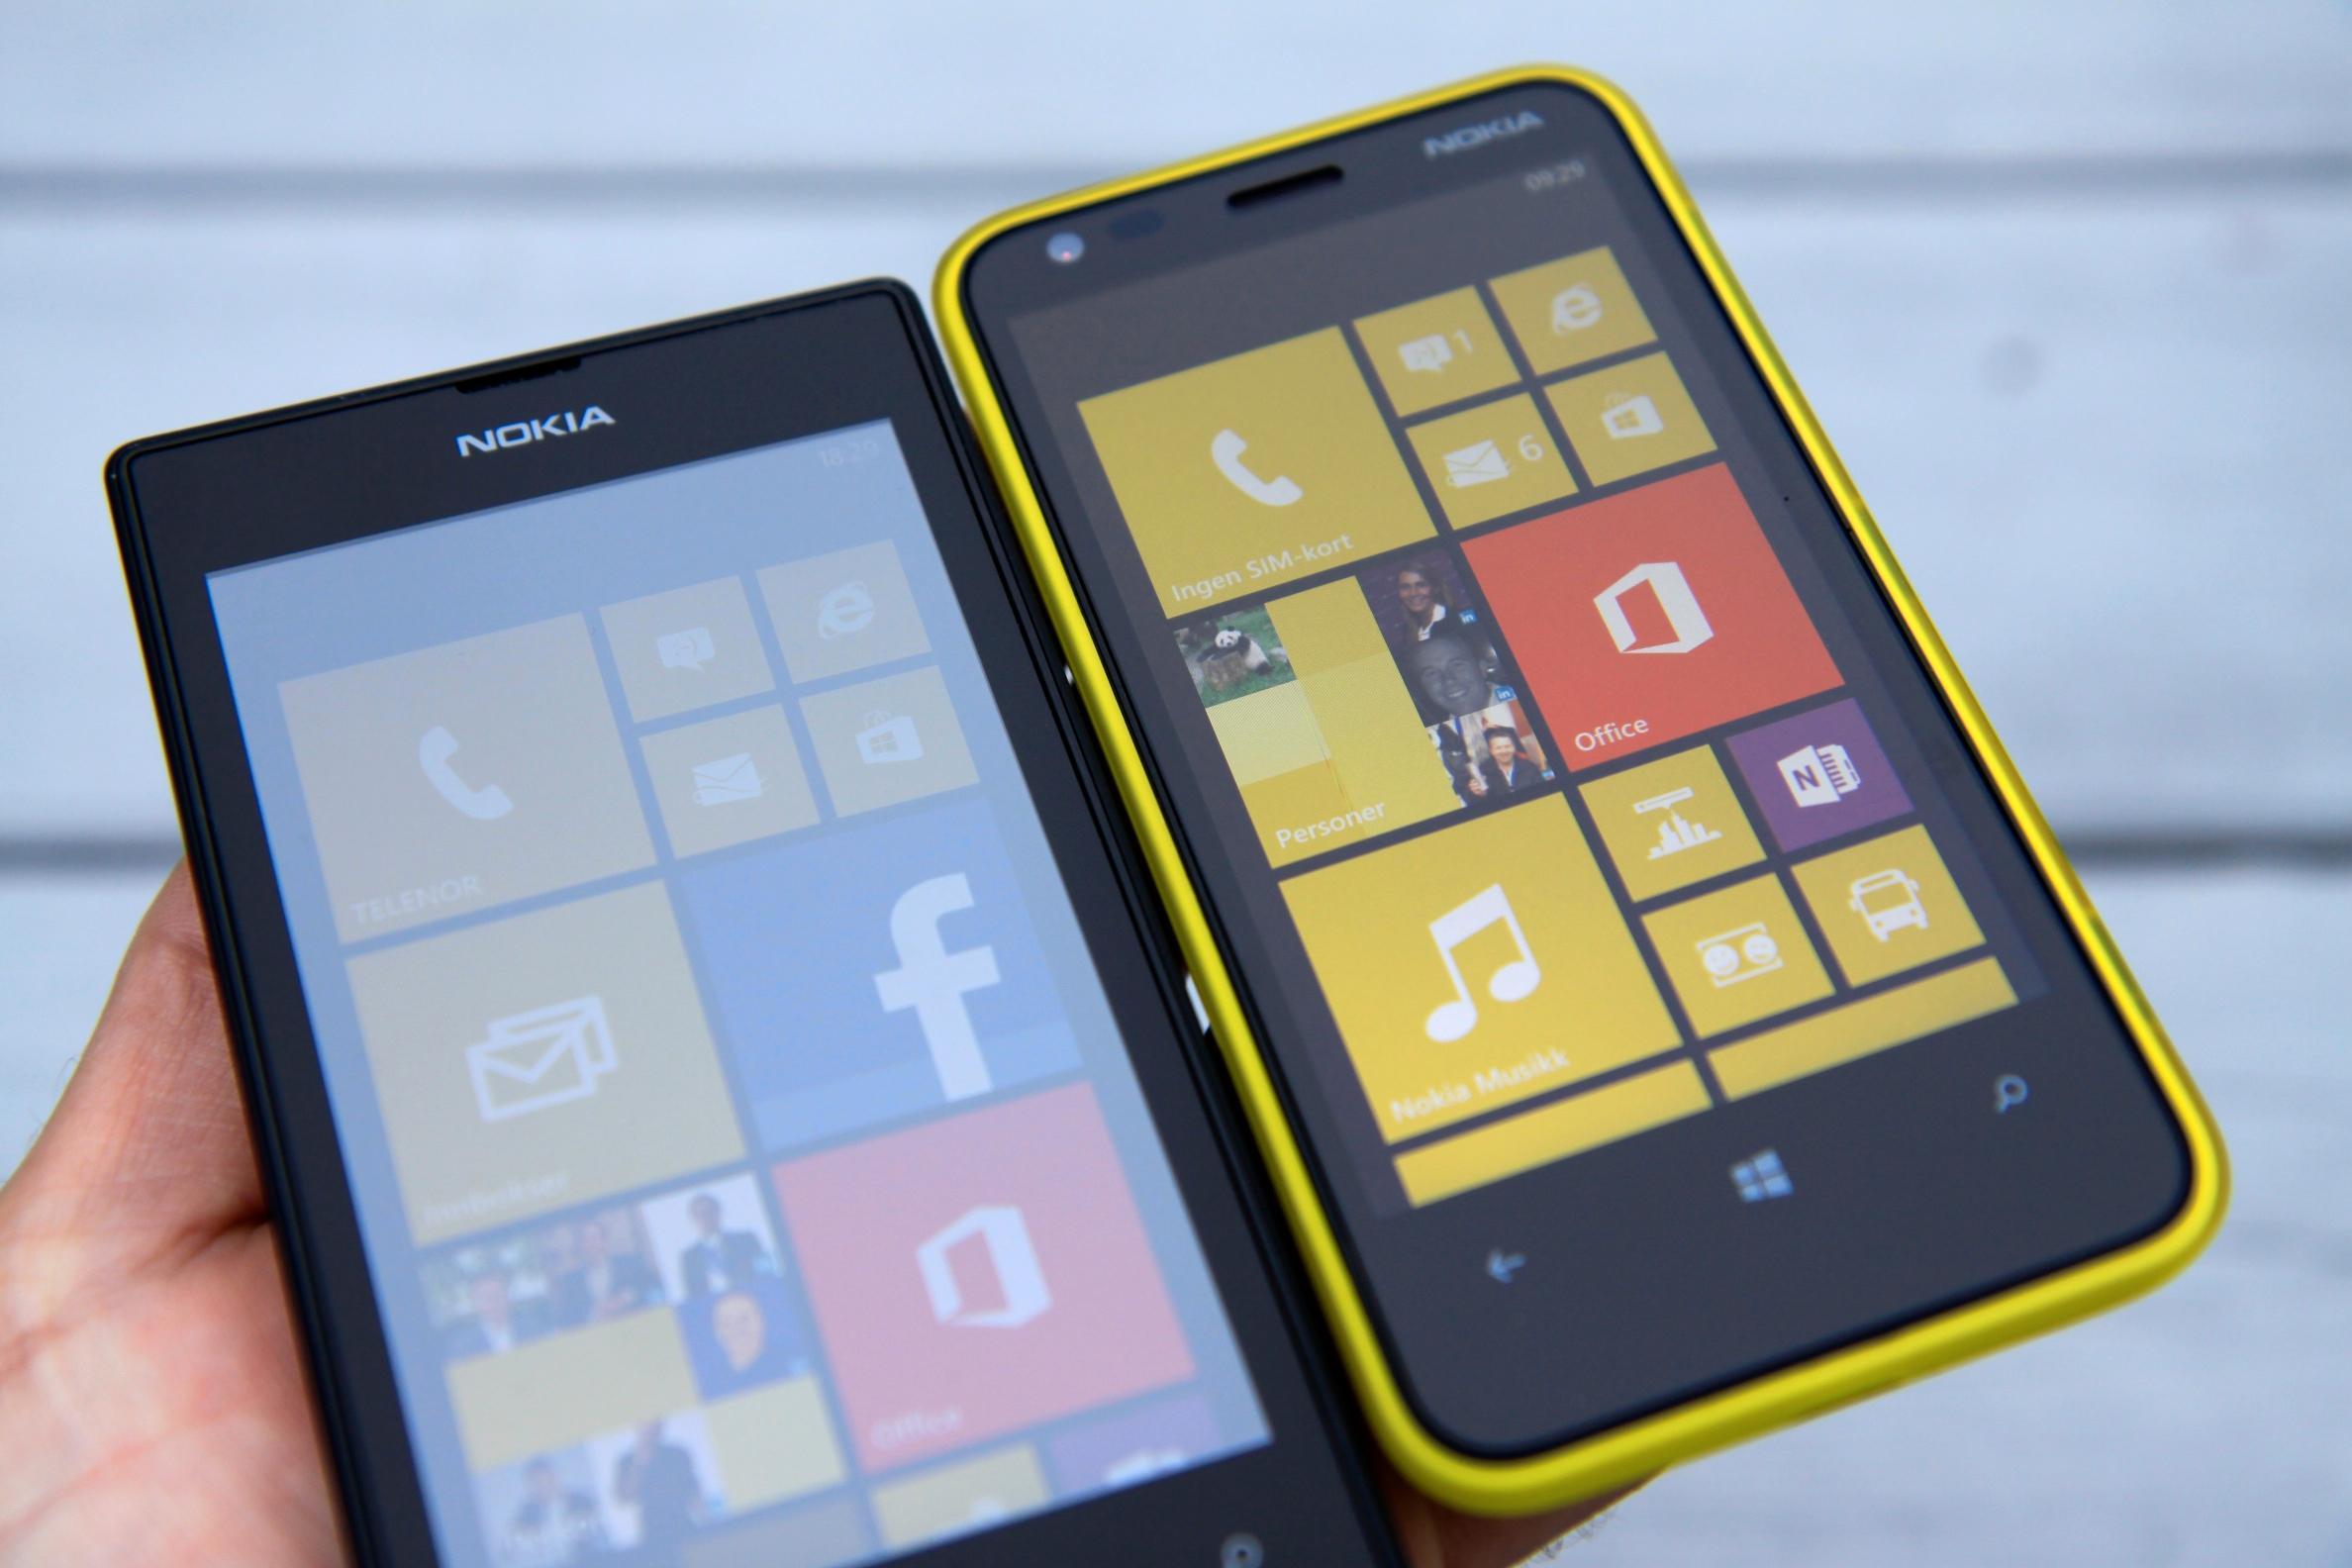 Ser du skjermen litt fra siden i utendørsbelysning, blir den helt blass. Nokia Lumia 520 til venstre. Lumia 620 til høyre har mye bedre innsynsvinkel.Foto: Kurt Lekanger, Amobil.no